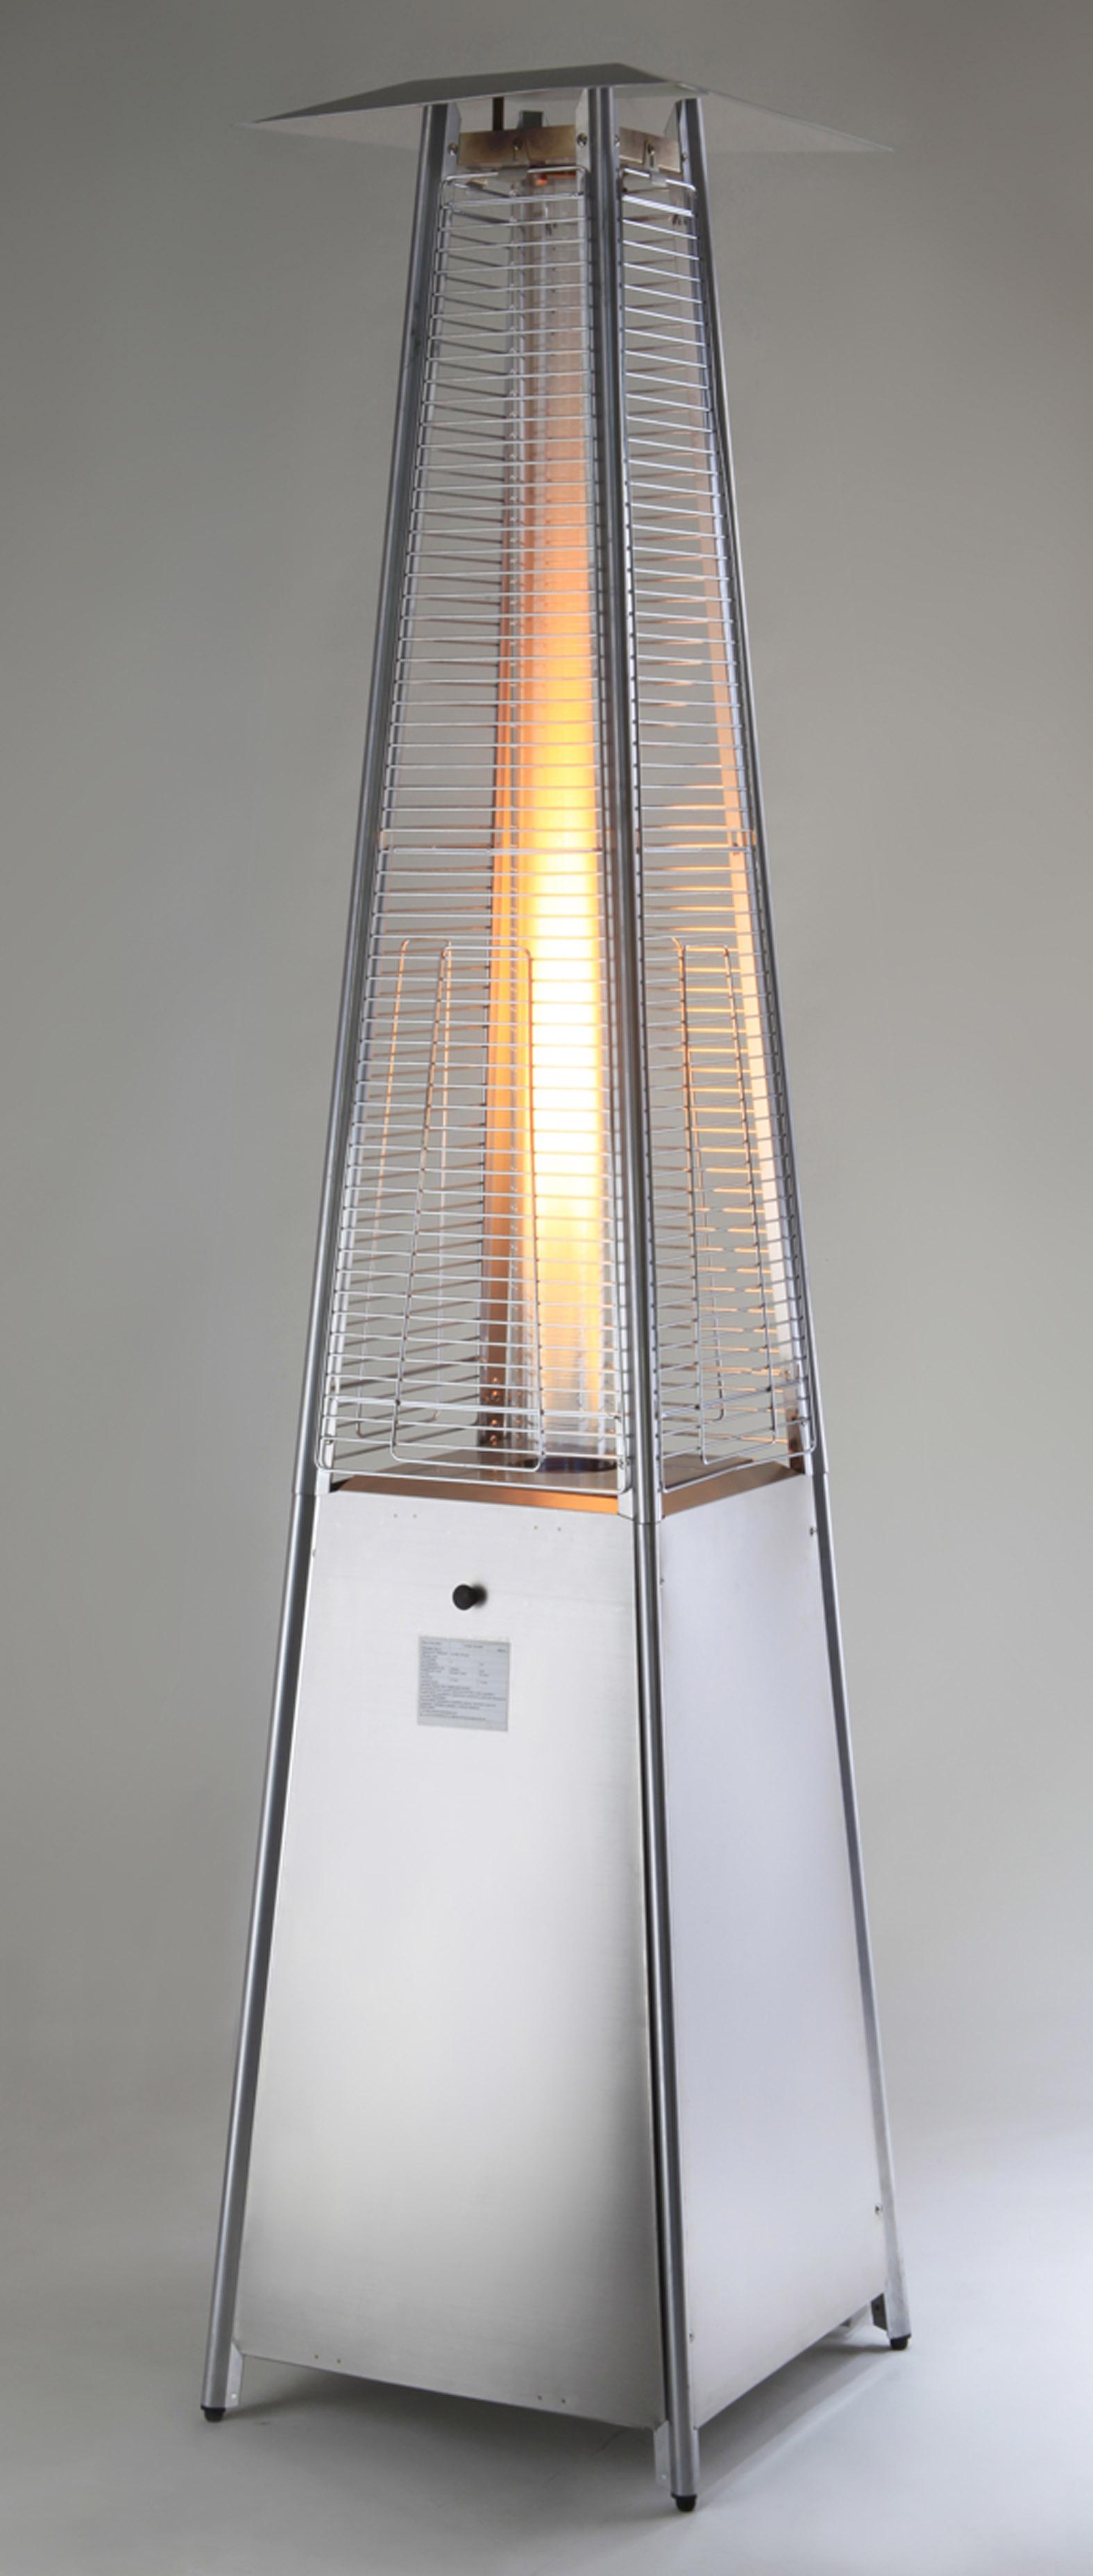 MEVA | Terasový ohřívač pyramida TZ 02003 - nerez